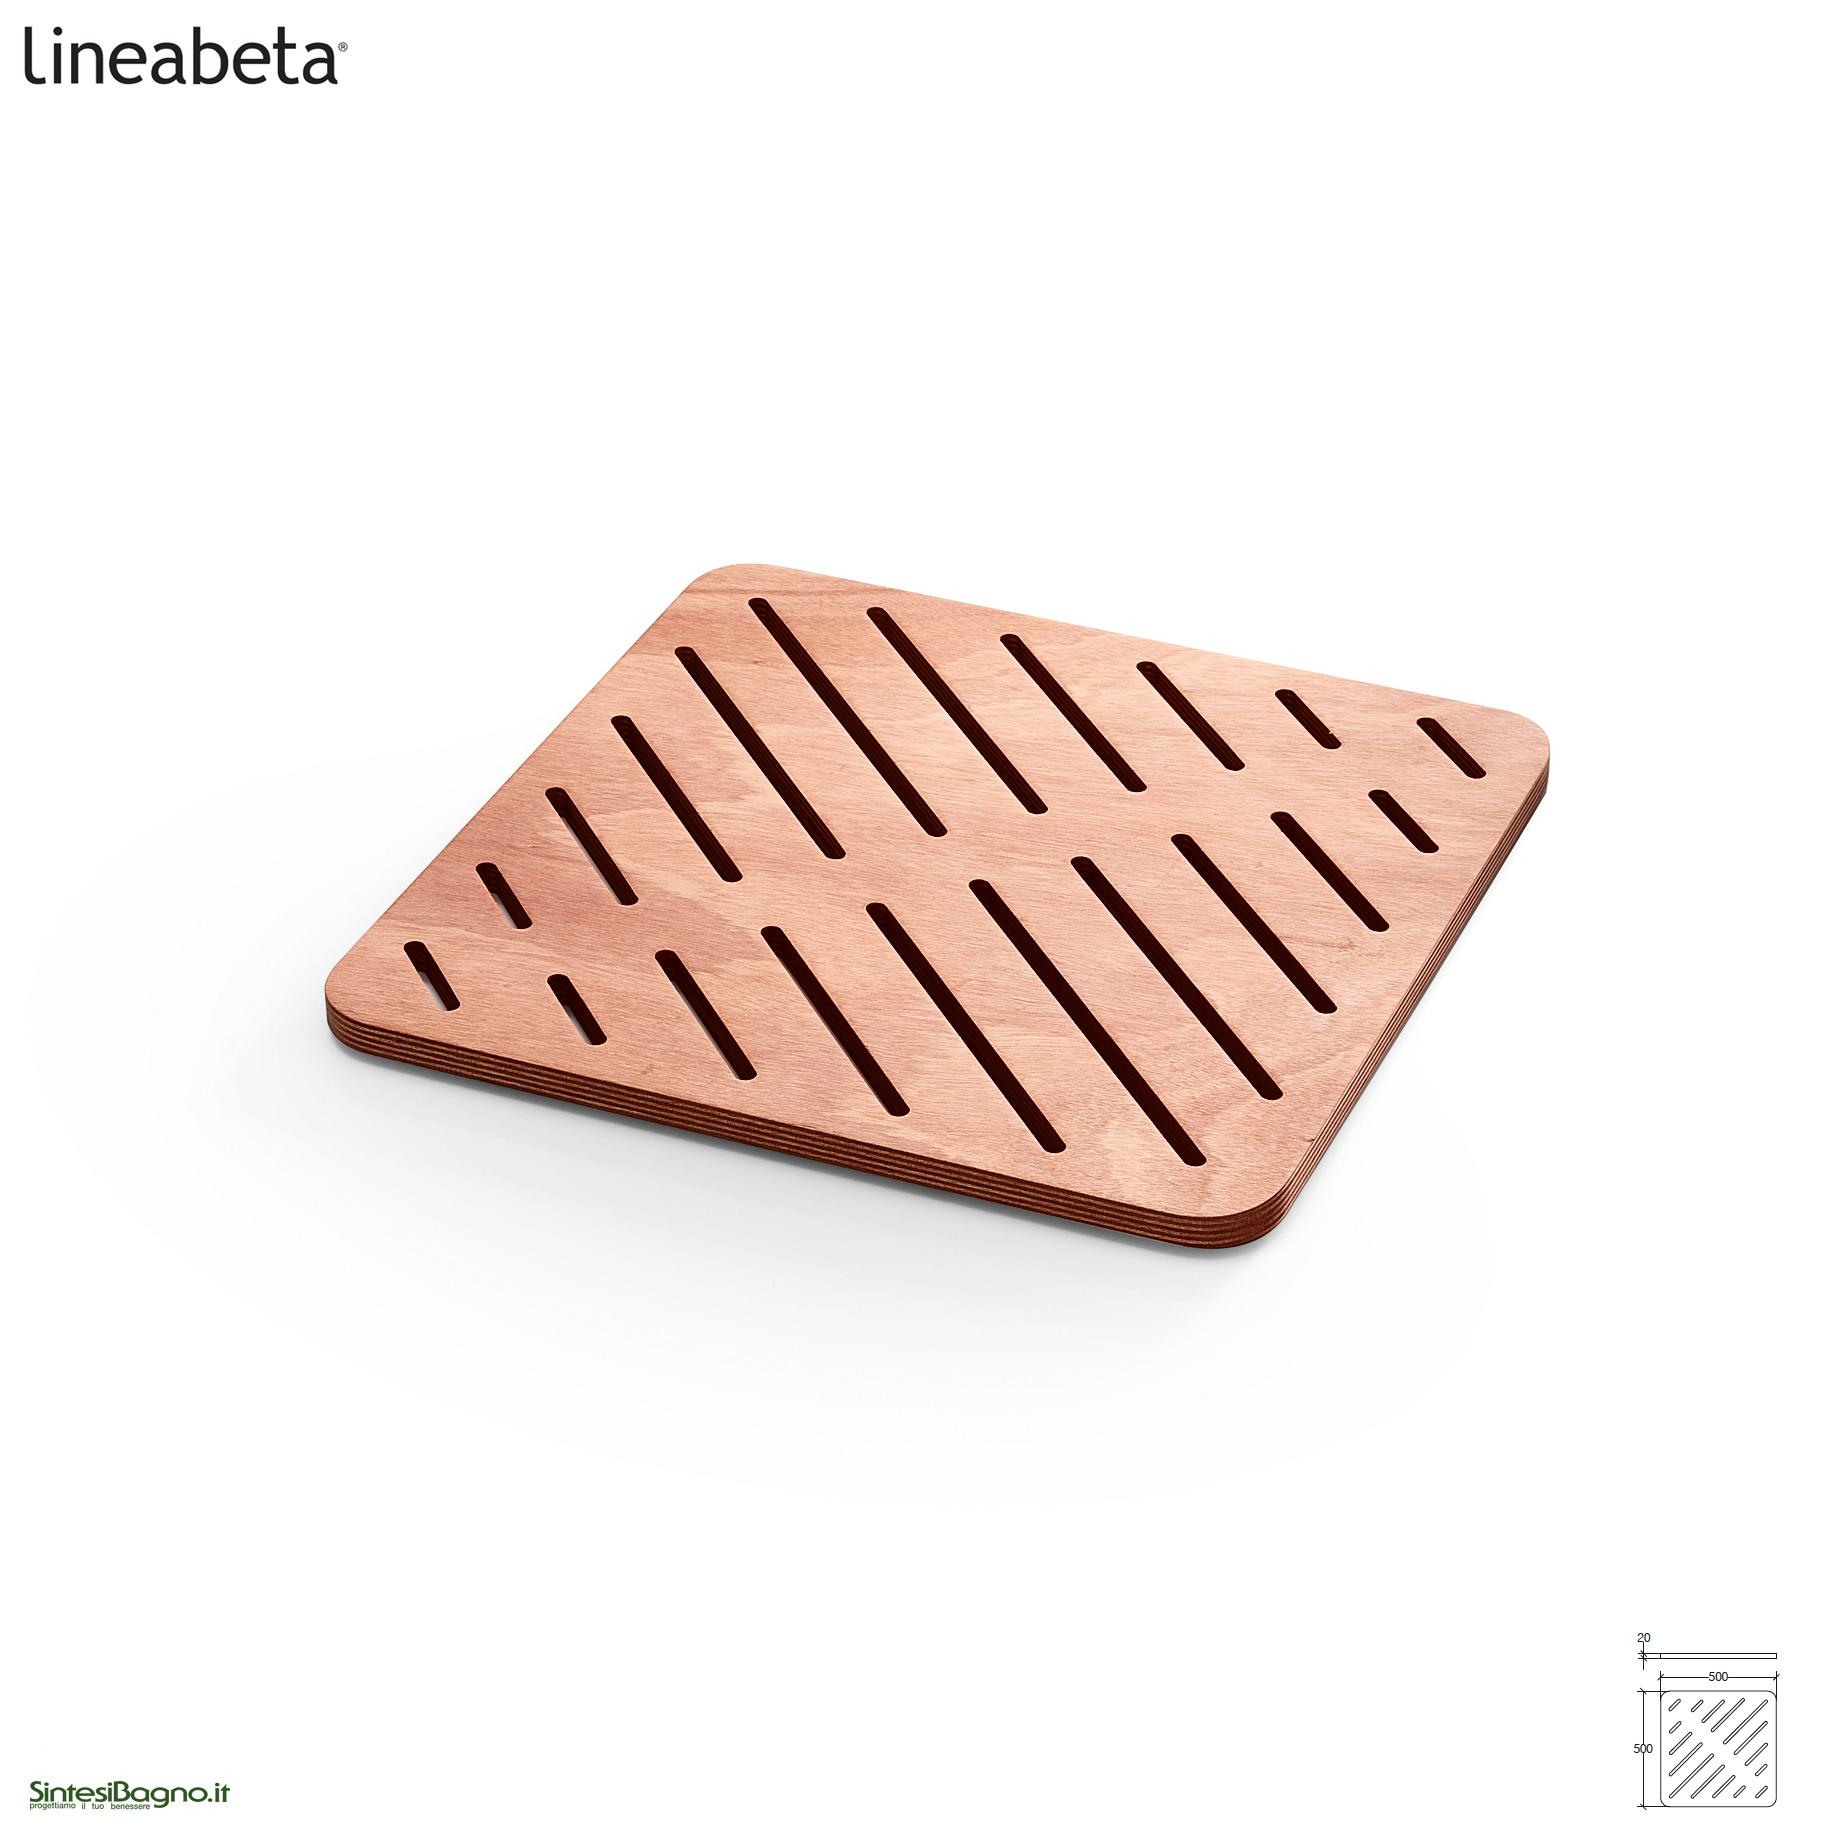 7224-08_C-lineabeta-linea-doccia-pedana-doccia-in-multistrato-marino-legno-okume